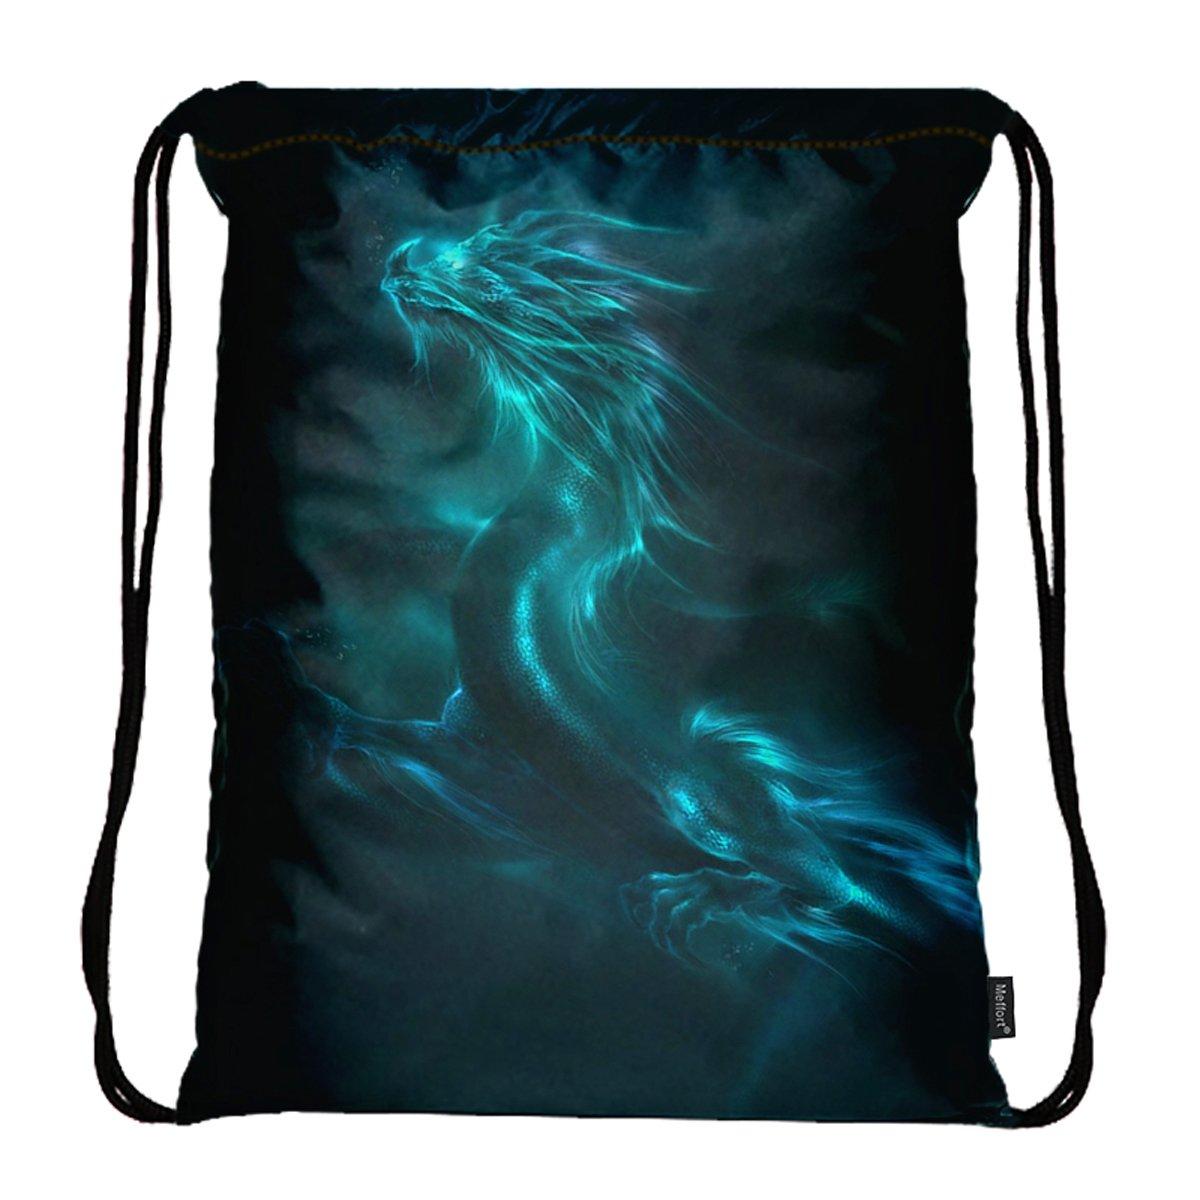 Meffort Inc Lightweight Drawstring Bag Sport Gym Sack Bag Backpack - Blue Dragon